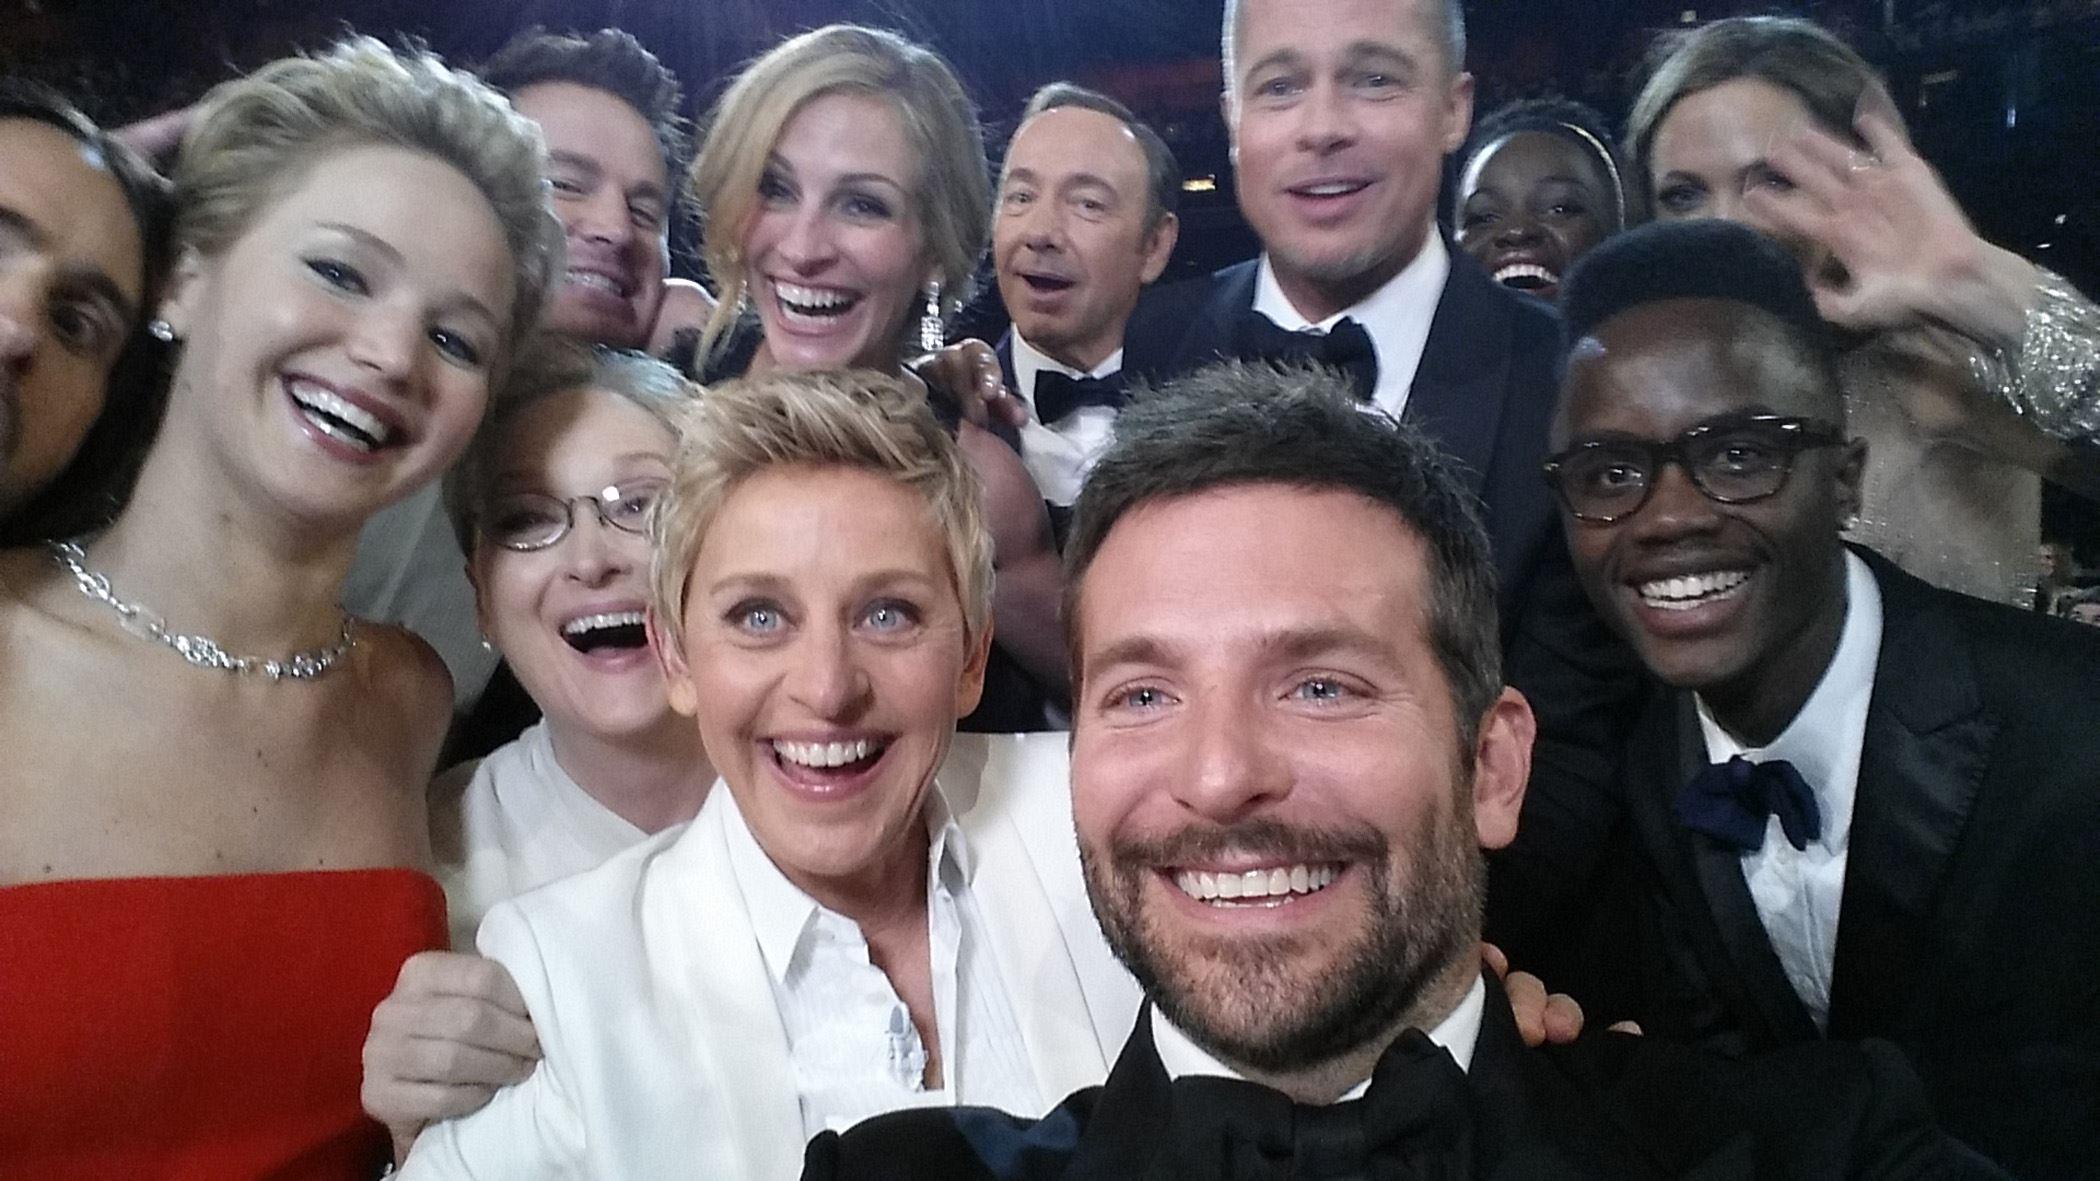 Óscares: os momentos mais memoráveis dos últimos anos